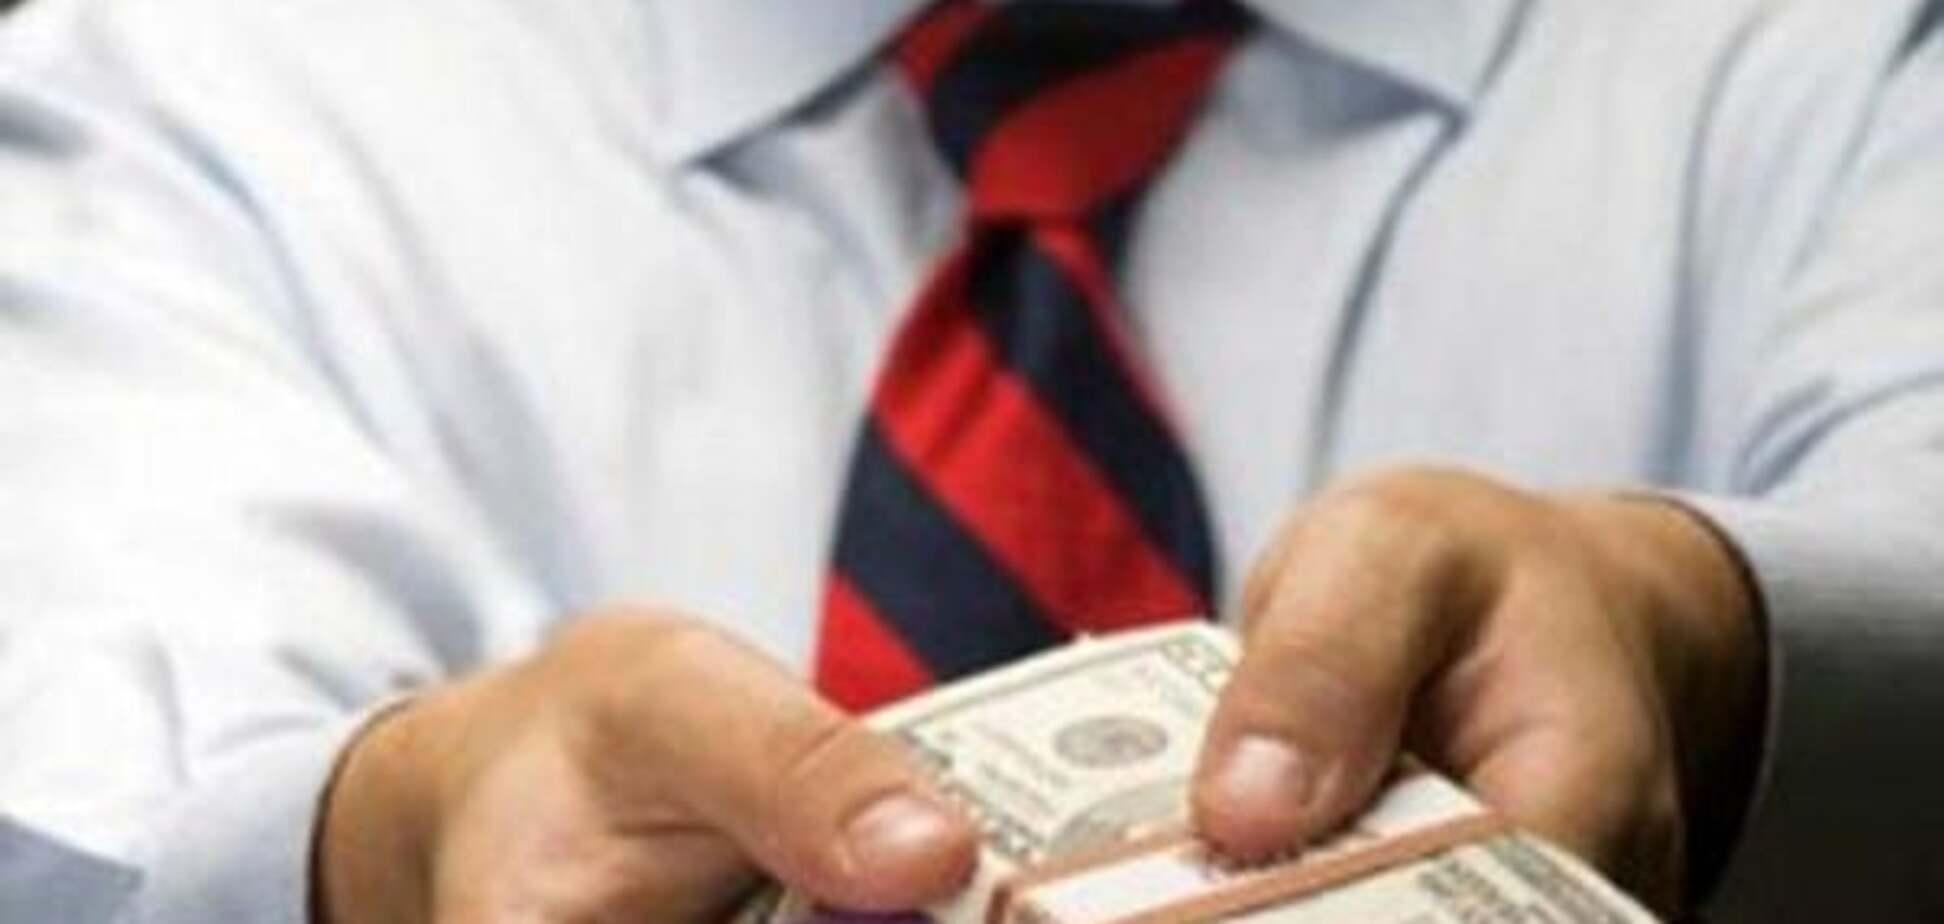 Лучшие займы у банков: на какие кредиты в кризис могут рассчитывать украинцы